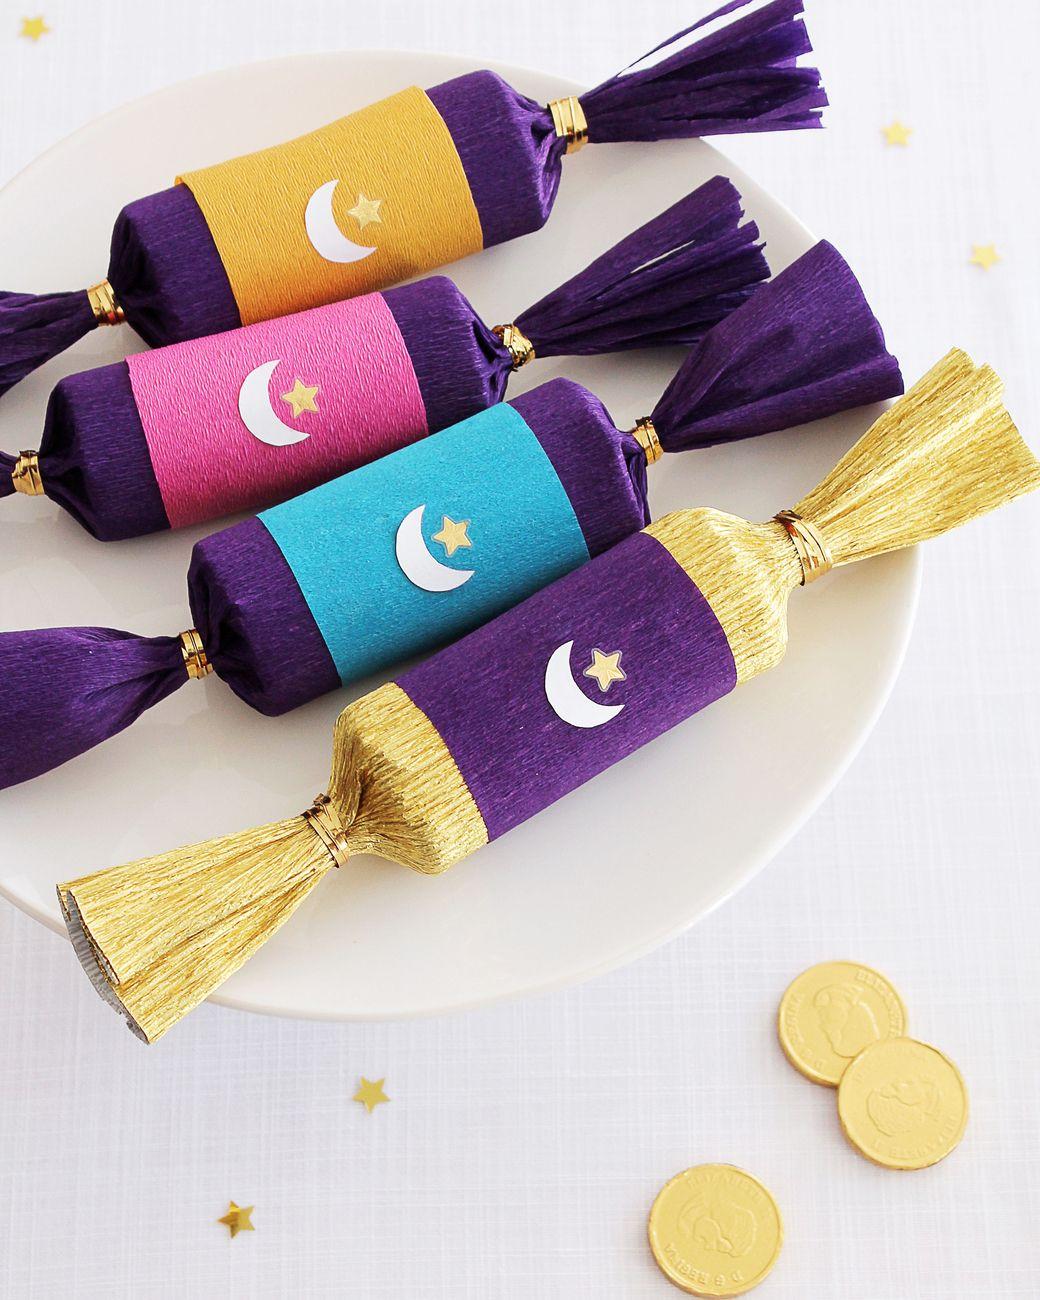 Simple Child Eid Al-Fitr Feast - e38a74f02019846af066ca47957fce5f  Gallery_675685 .jpg